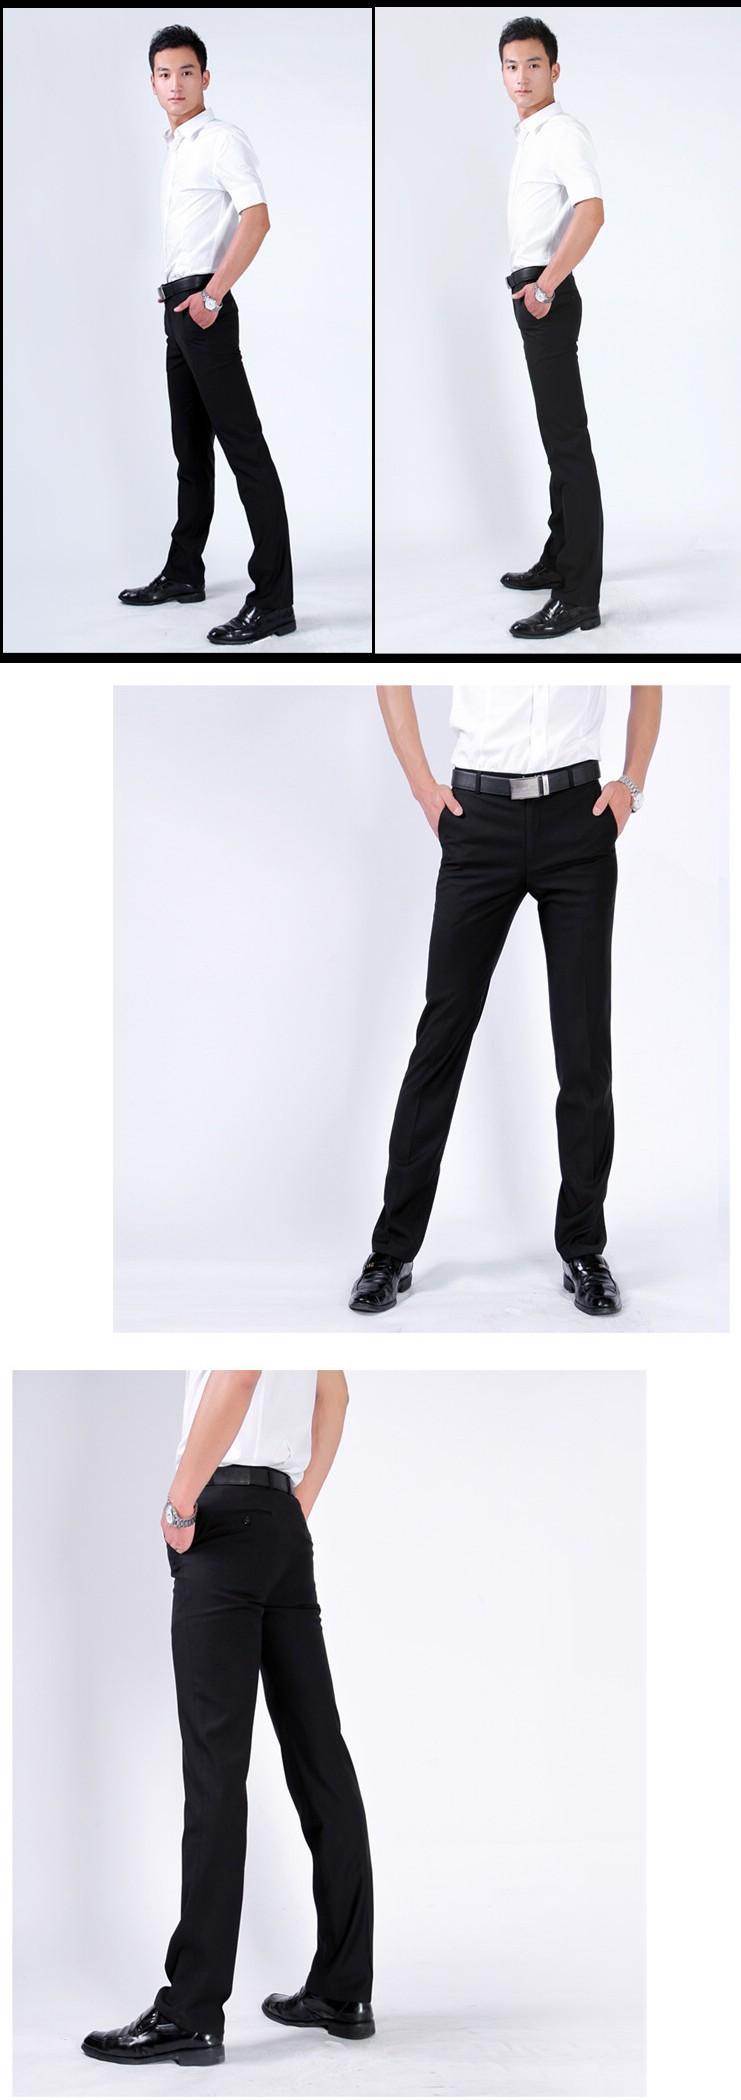 Купить брюки мужские классические доставка